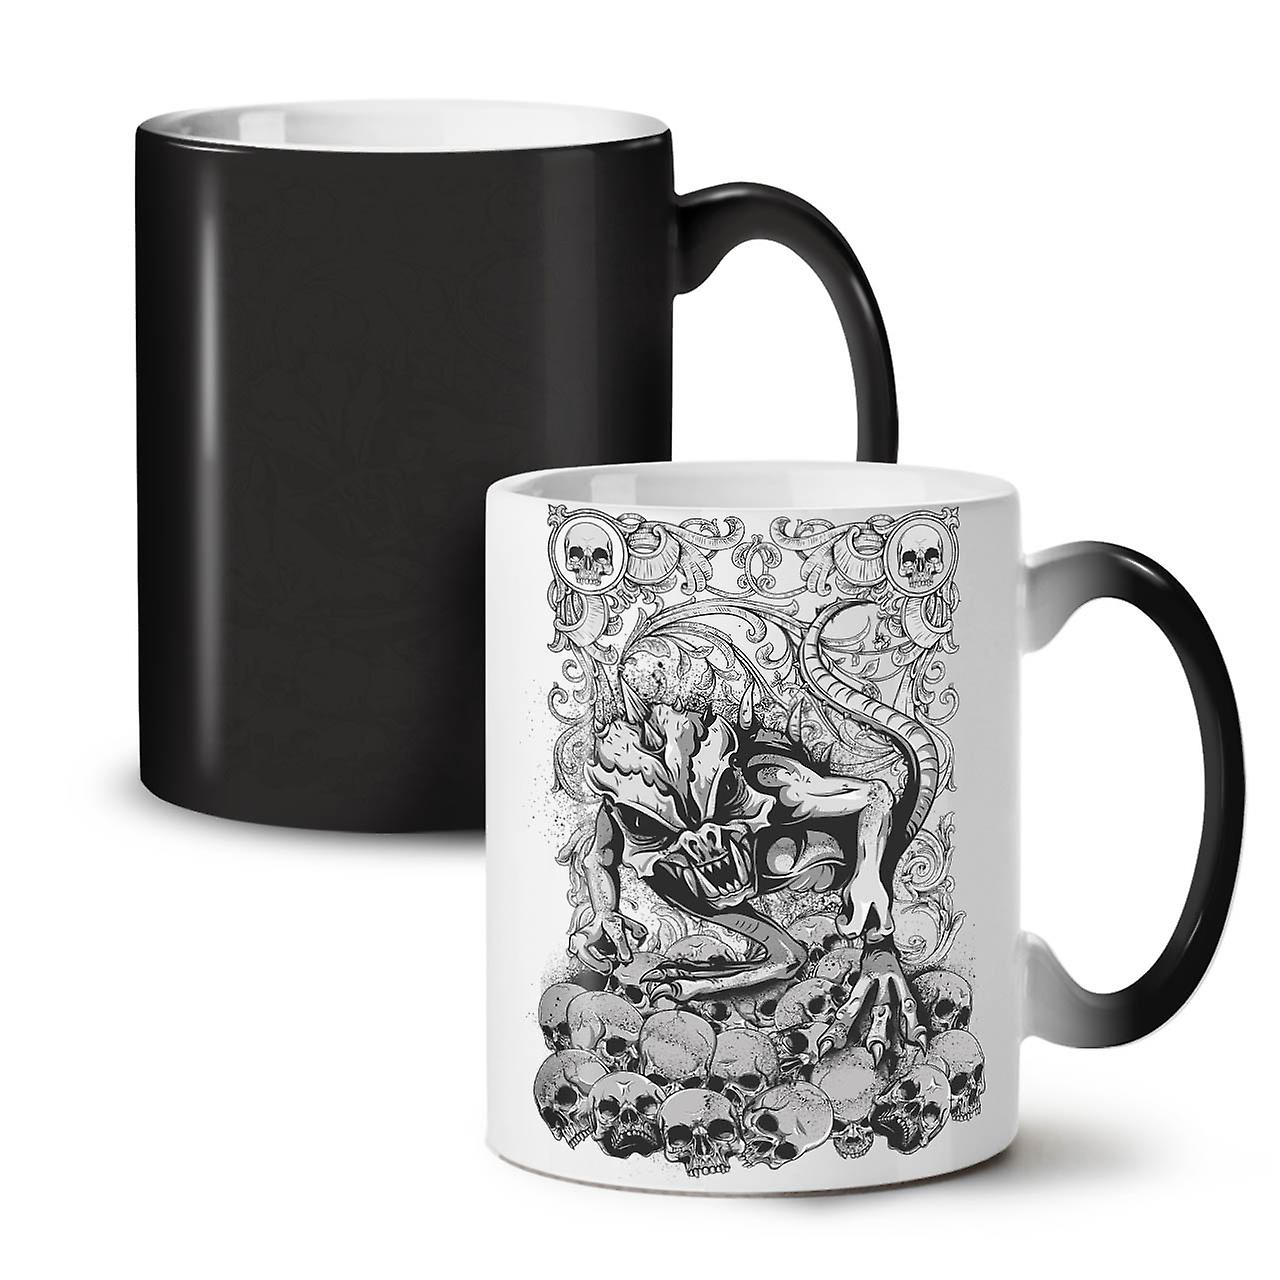 Satan L'enfer Changeant De Nouvelle OzWellcoda Horreur Tasse Couleur 11 Noir Thé Café Céramique Bête N0m8vwnO